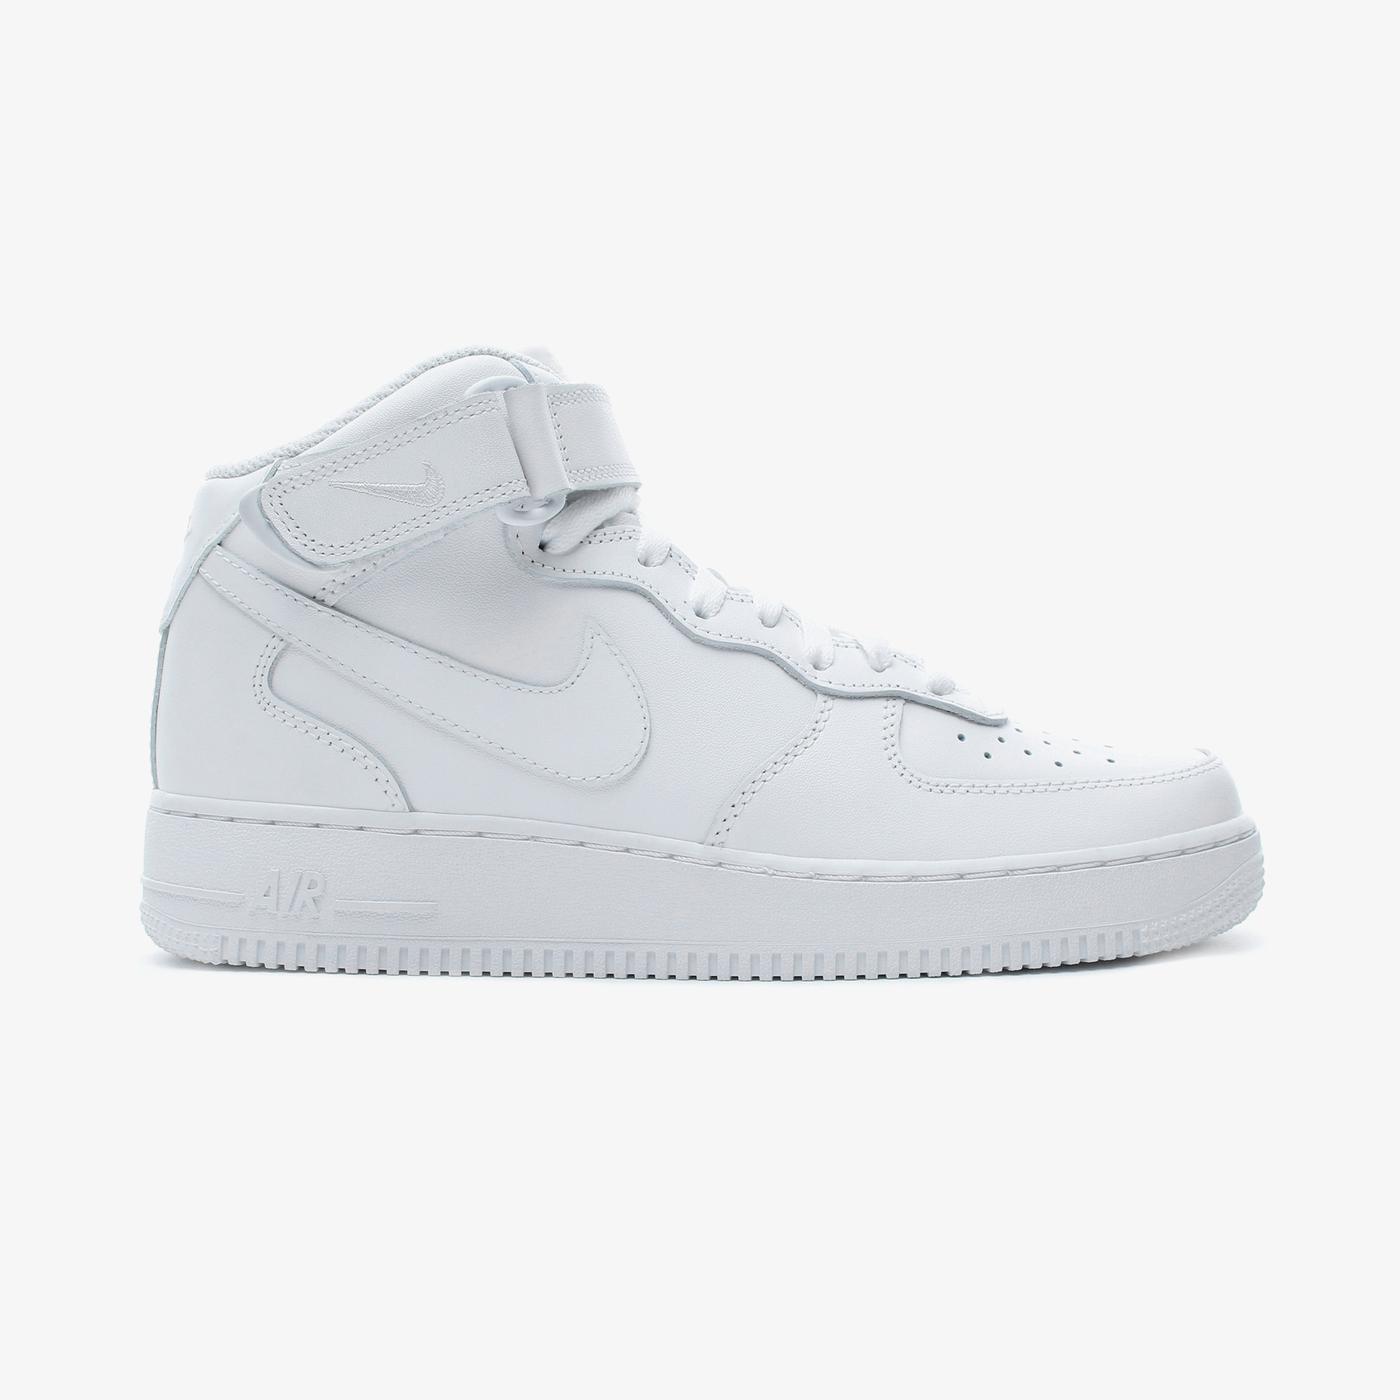 Nike Air Force 1 Mid '07 Erkek Beyaz Spor Ayakkabı